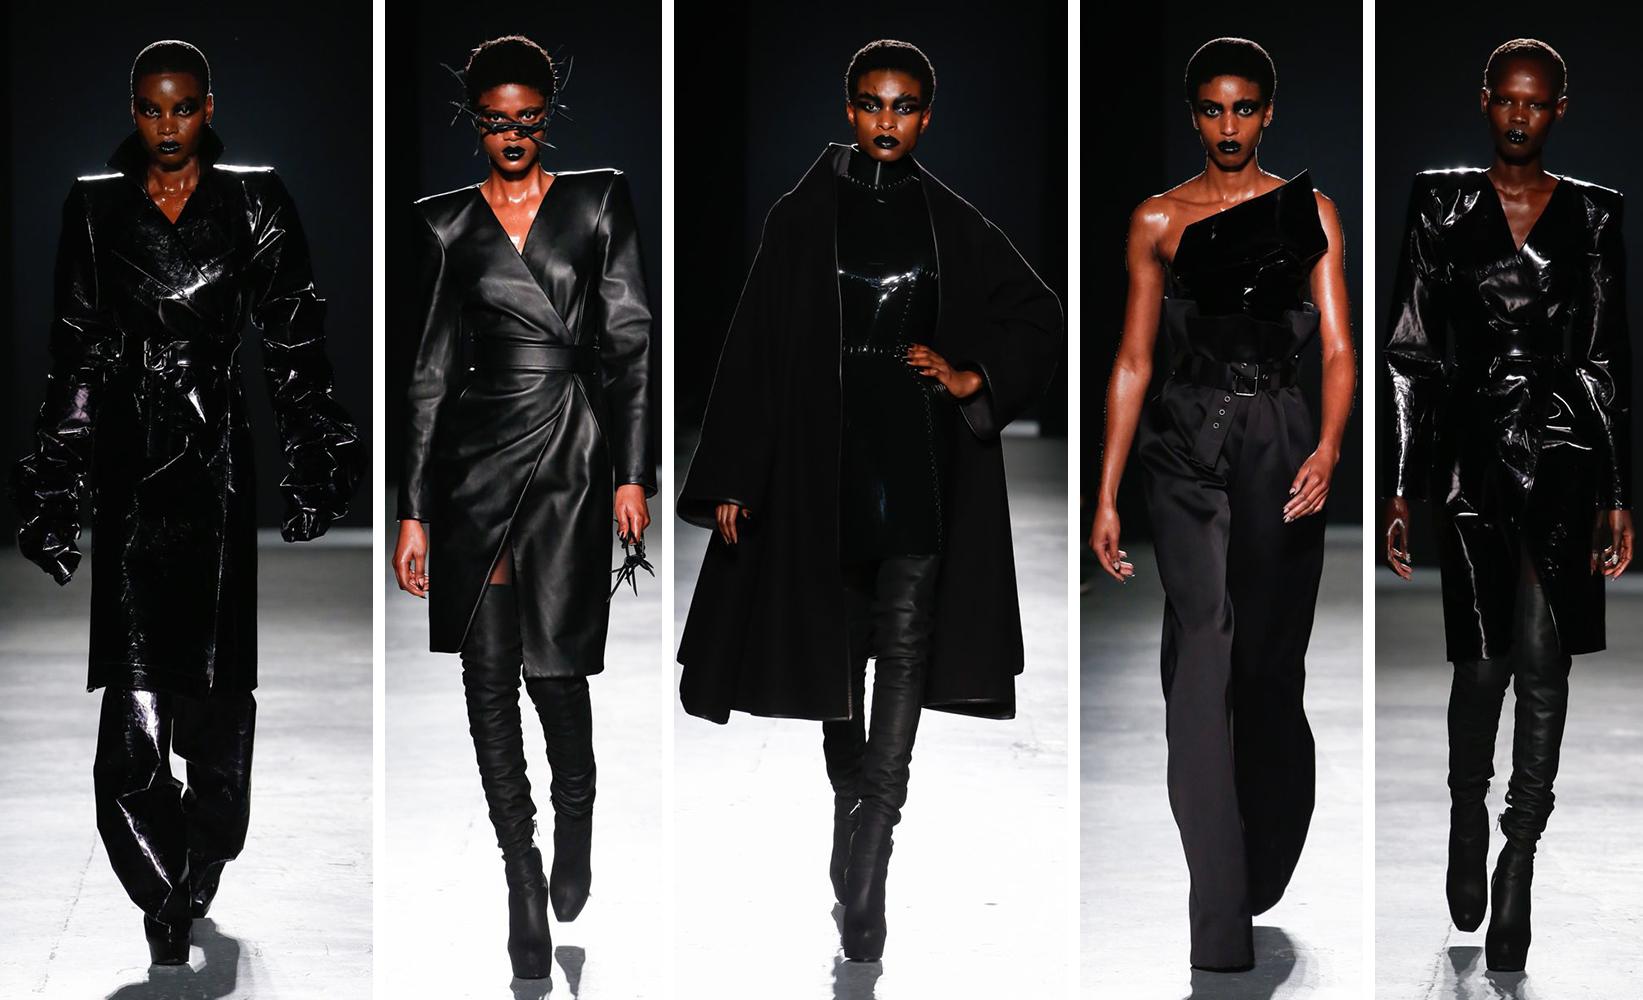 gareth_pugh_2018_london_fashion_week_fall_ready-to-wear_kollekcio.png